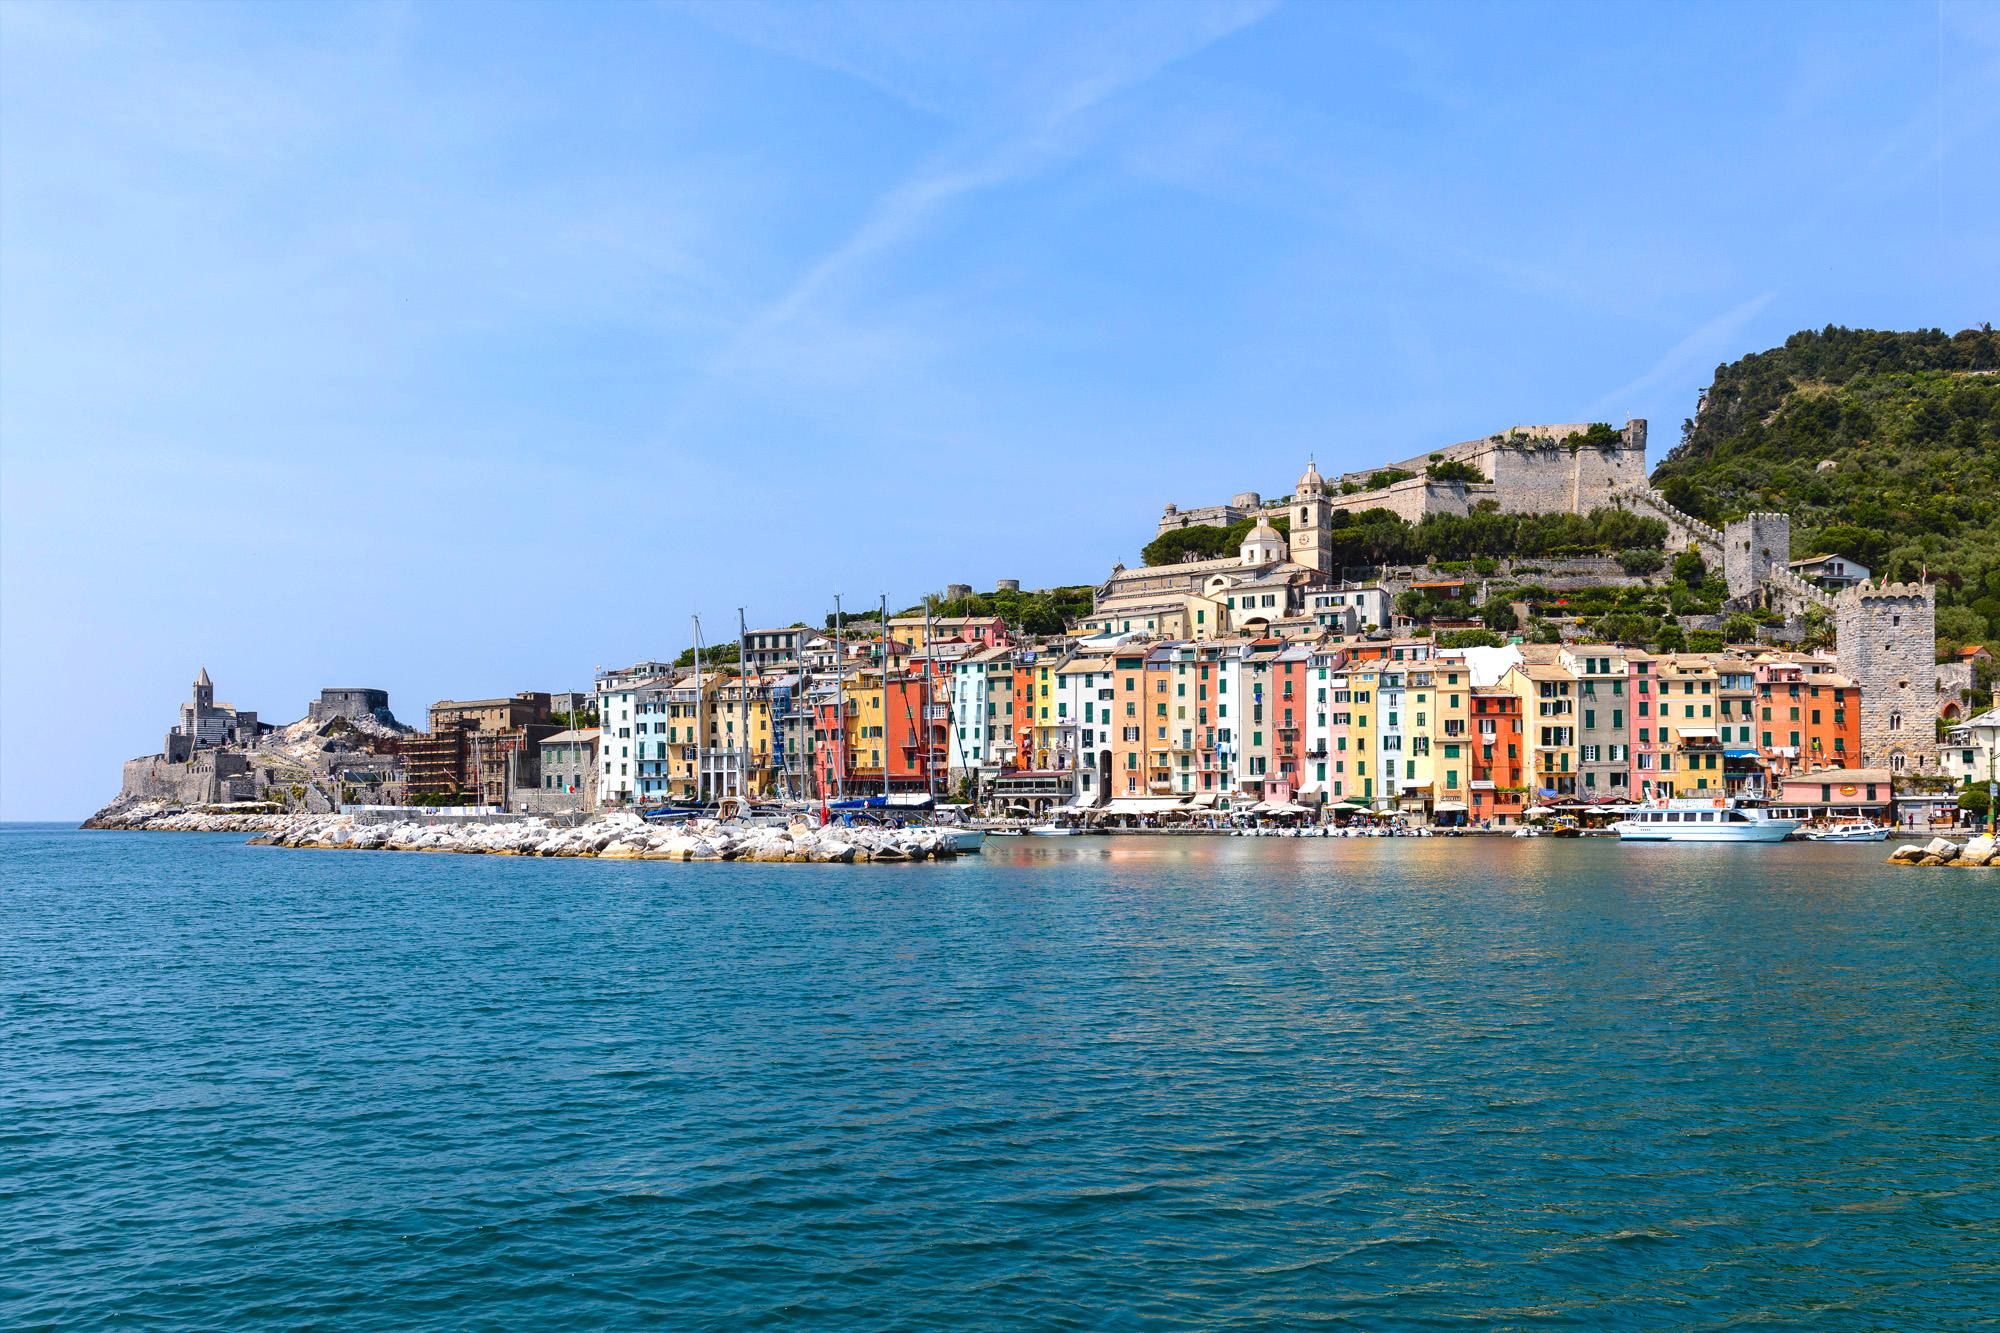 Cesare Charter Portofino - Tour Porto Venere and Palmaria Island